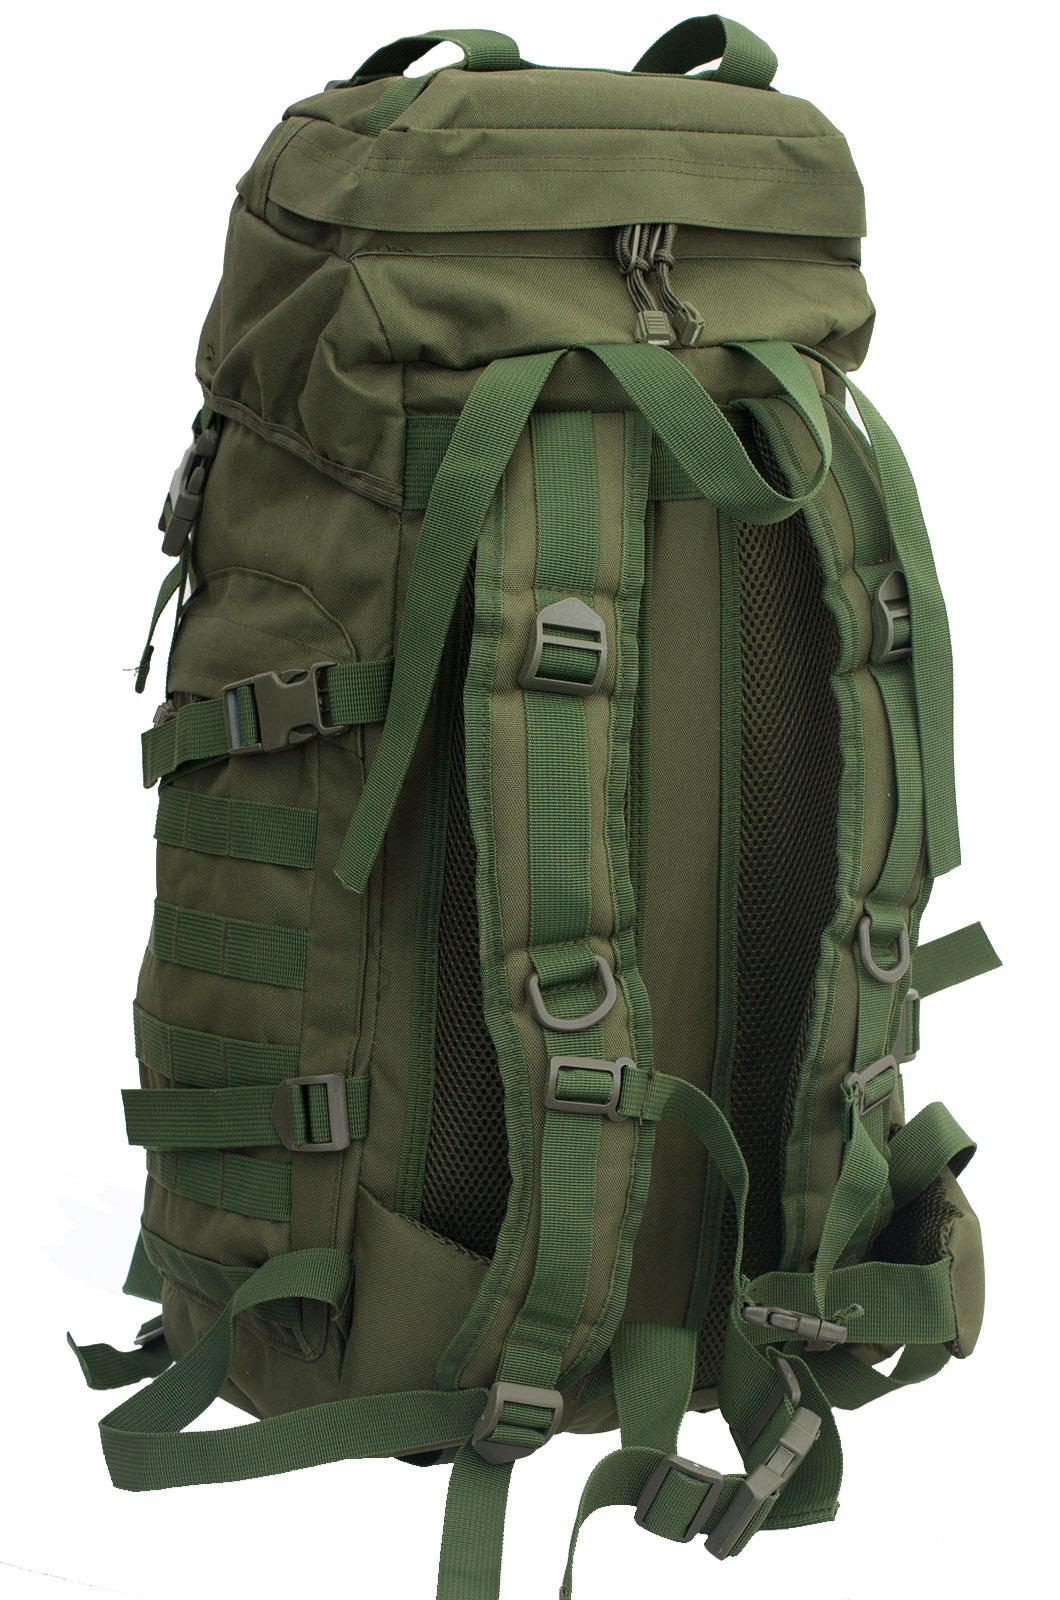 Функциональный рейдовый рюкзак с нашивкой ФСО - заказать онлайн